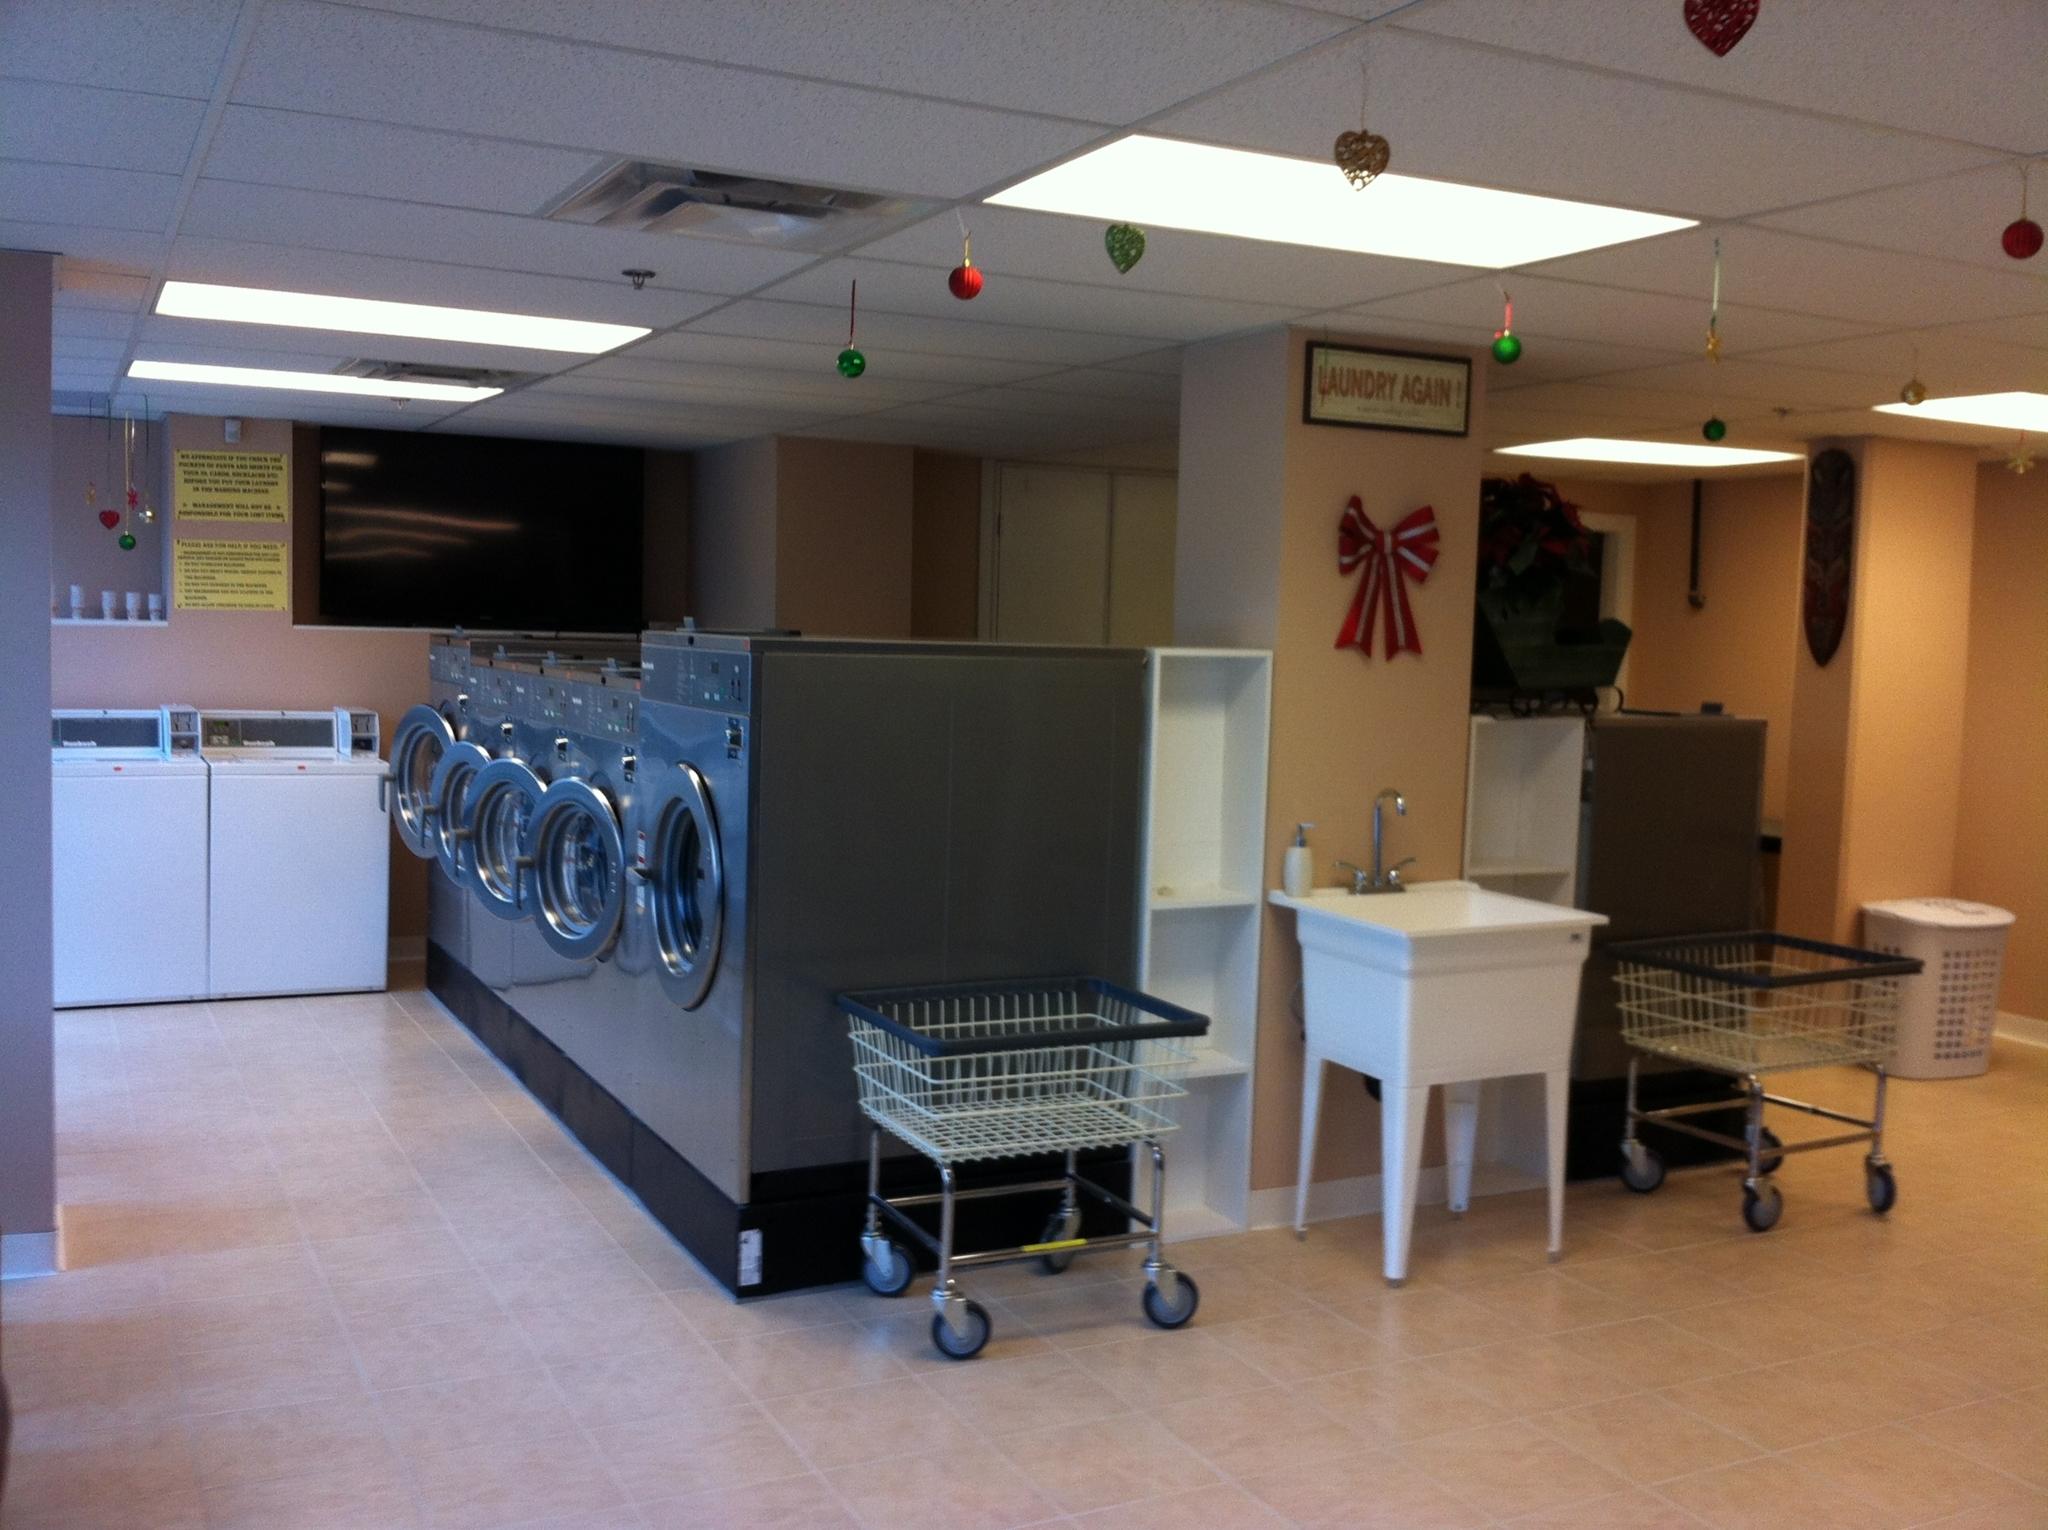 Queensborough Laundromat